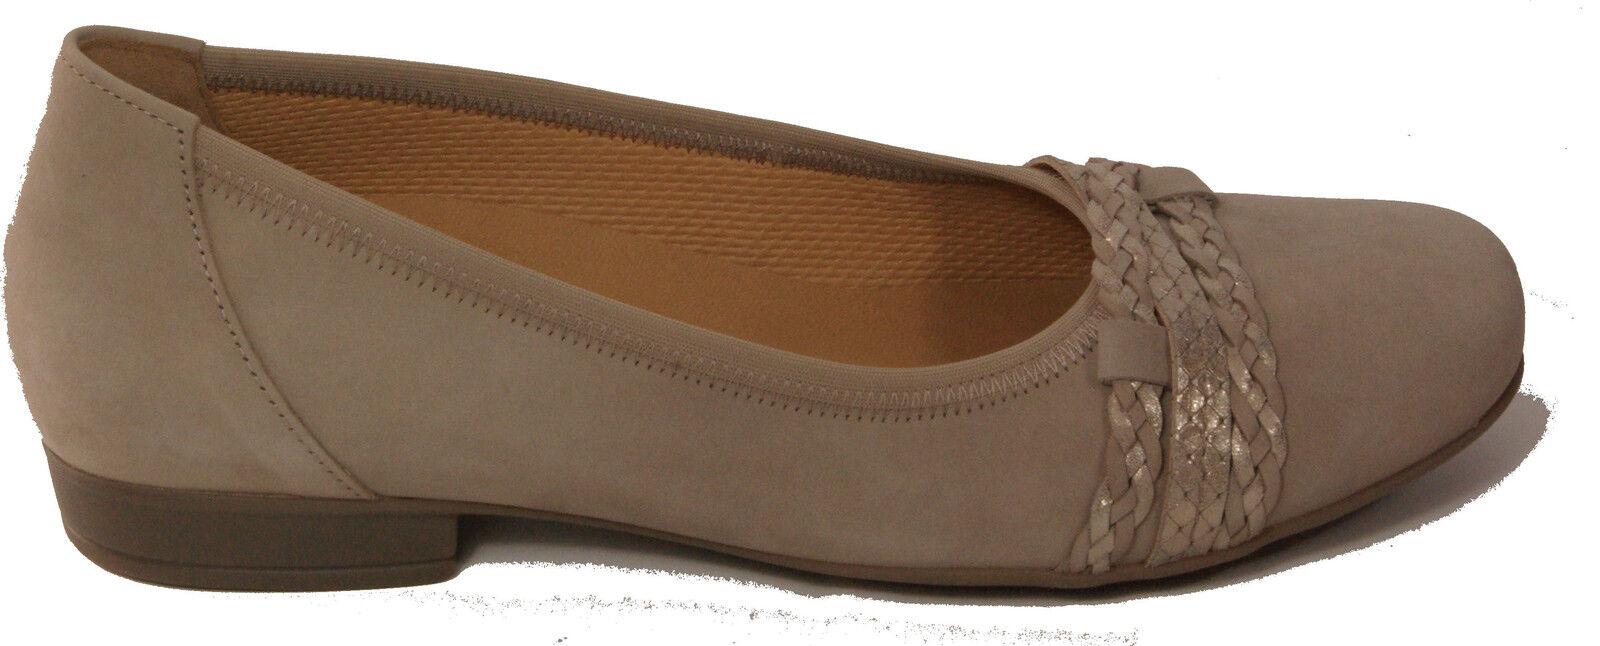 Gabor skor Pump Ballerinas grå Real Nubuck Nubuck Nubuck läder Borttagbar Fotplats Ny  njuter av din shopping